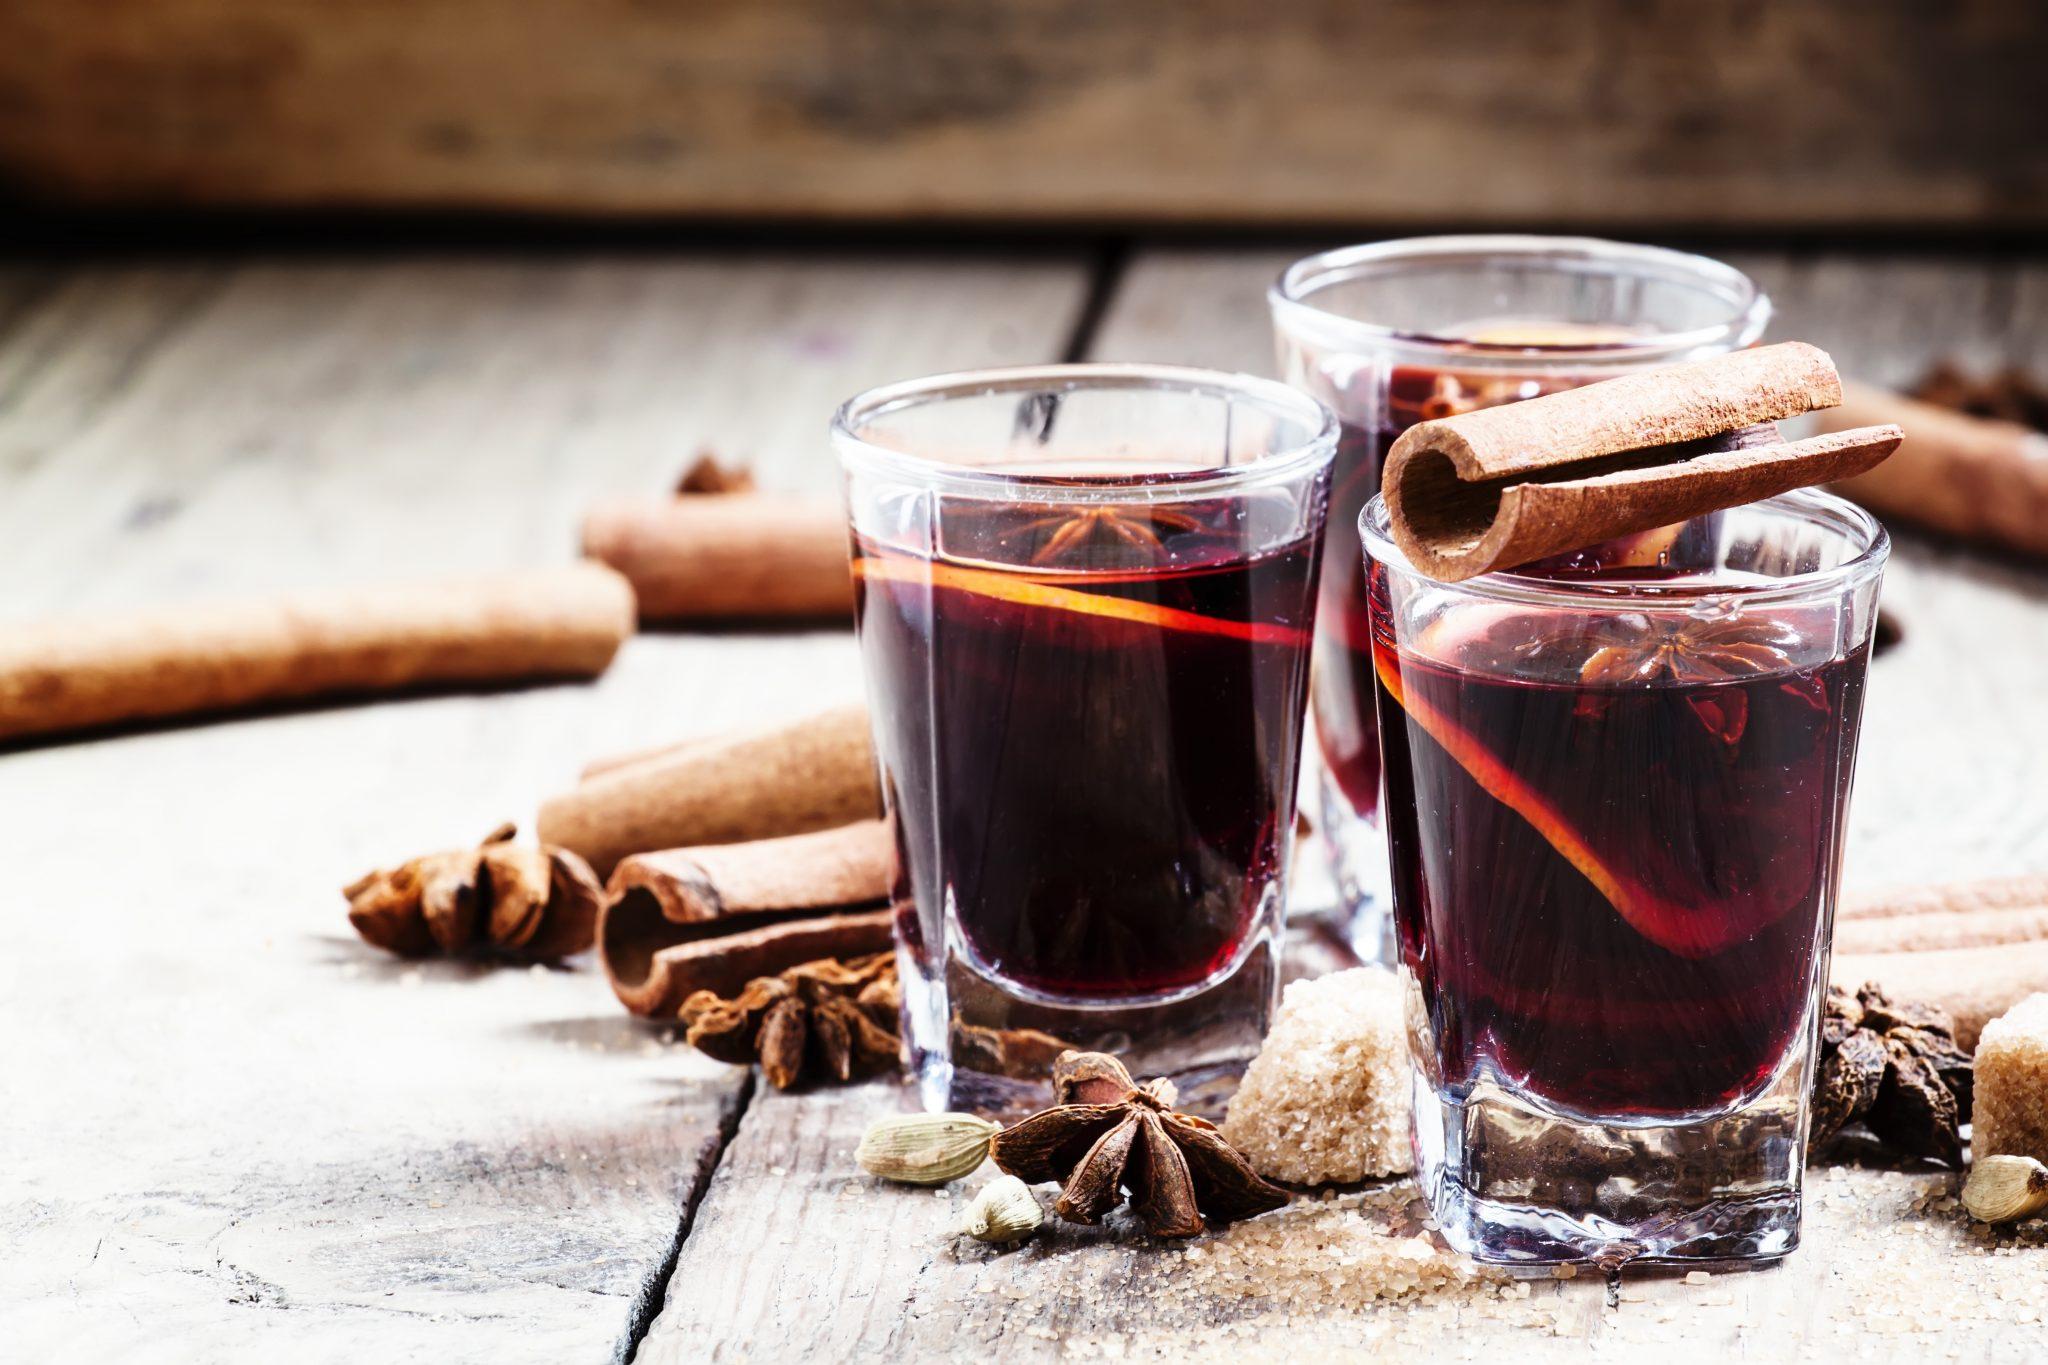 Przepis na grzaniec z wina